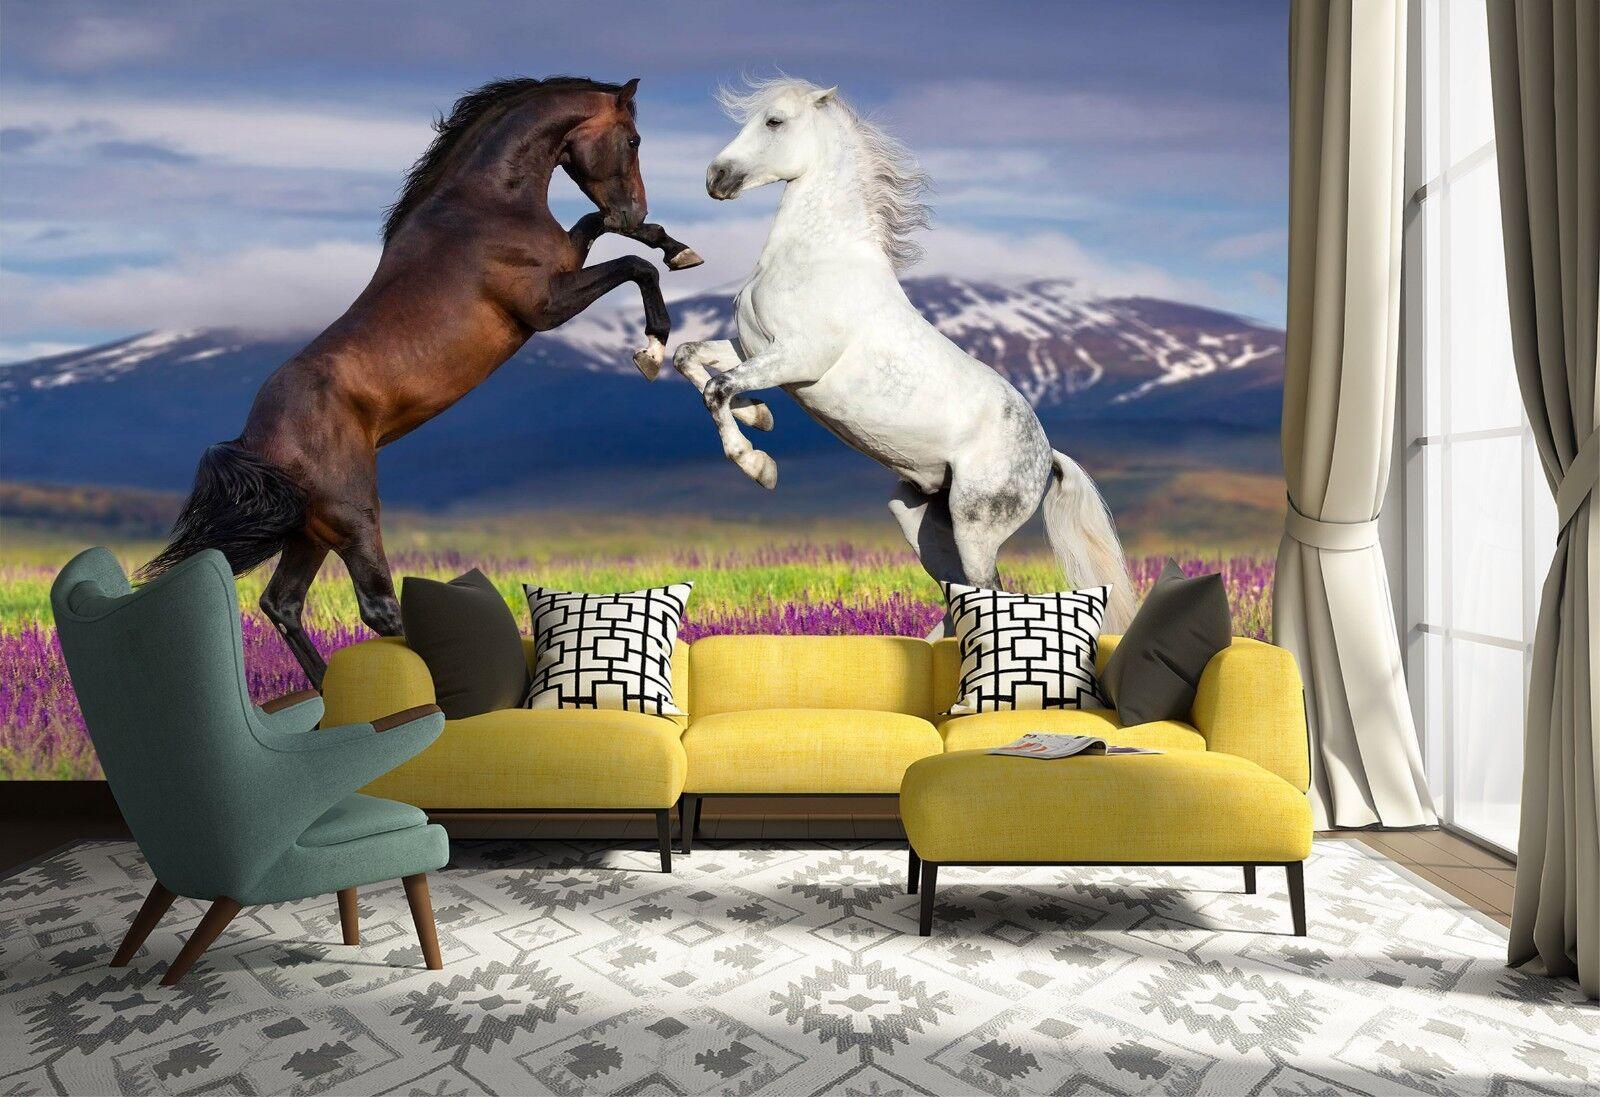 3D Horse Scape 7166 Wallpaper Mural Wall Print Wall Wallpaper Murals US Lemon